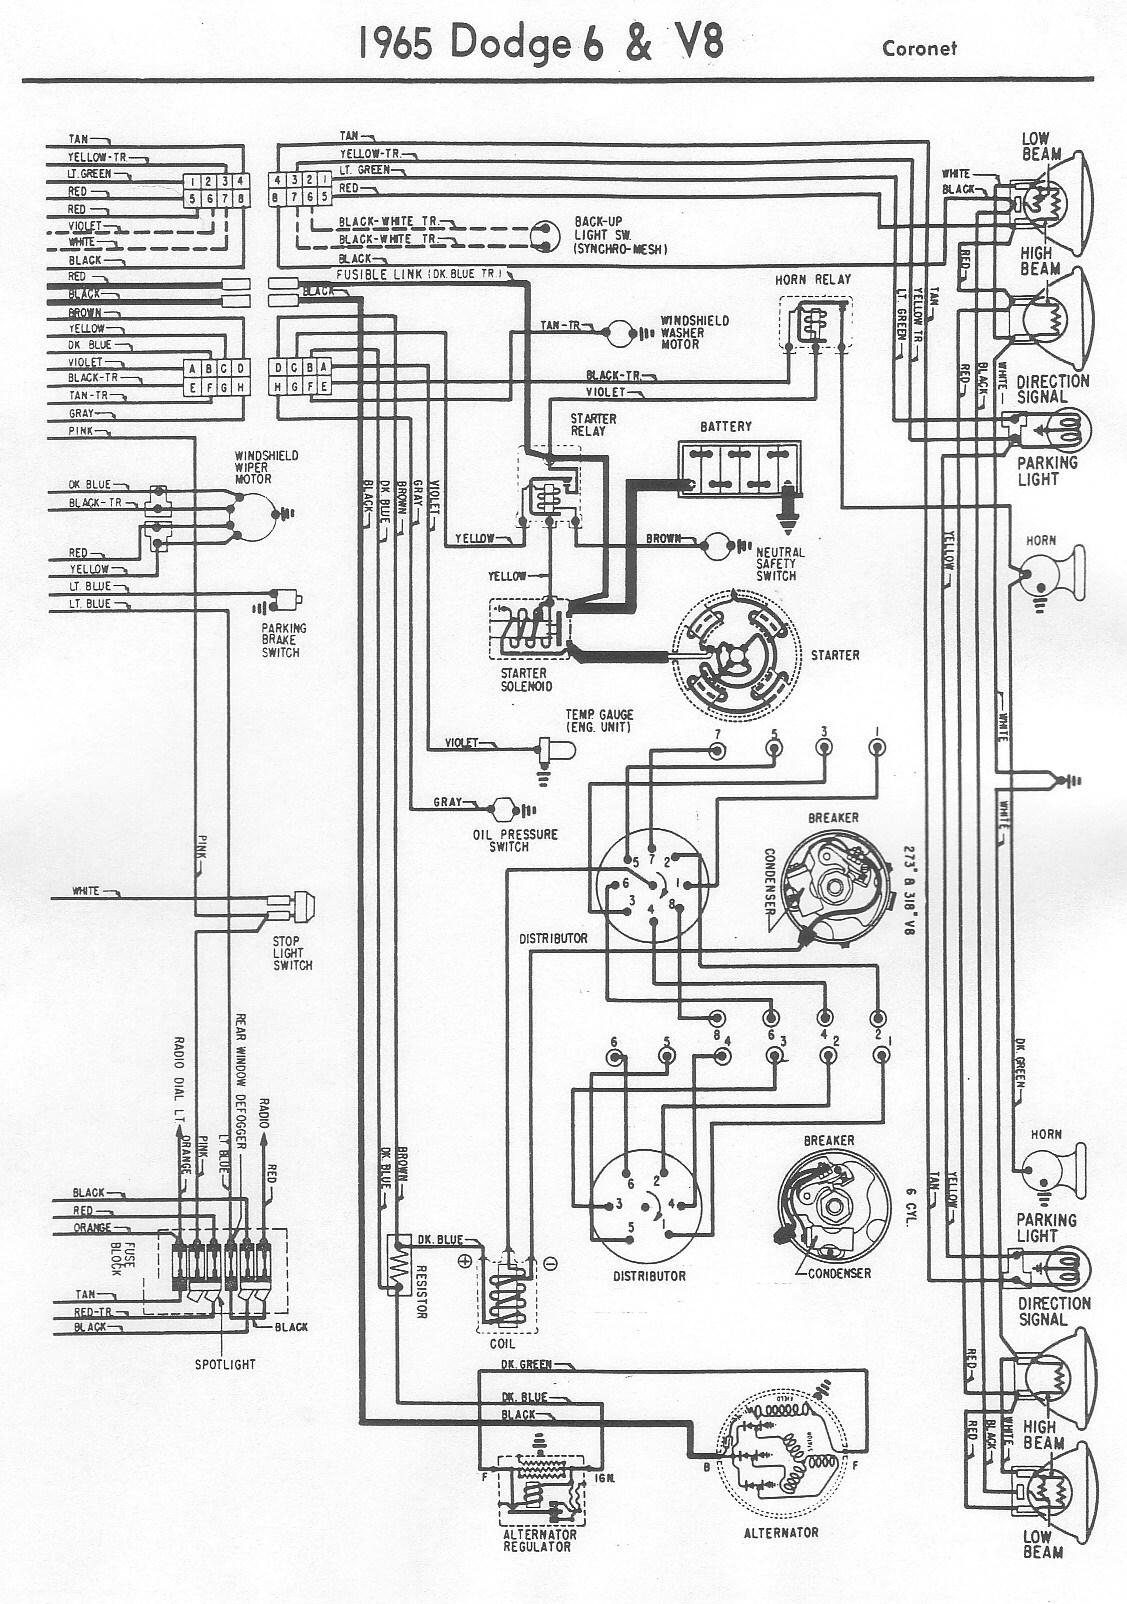 [SCHEMATICS_48YU]  RC_4701] 1980 Dodge Aspen Wiring Diagram Download Diagram | 1966 Dodge D 300 Wiring Diagram |  | Perm Leona Mohammedshrine Librar Wiring 101